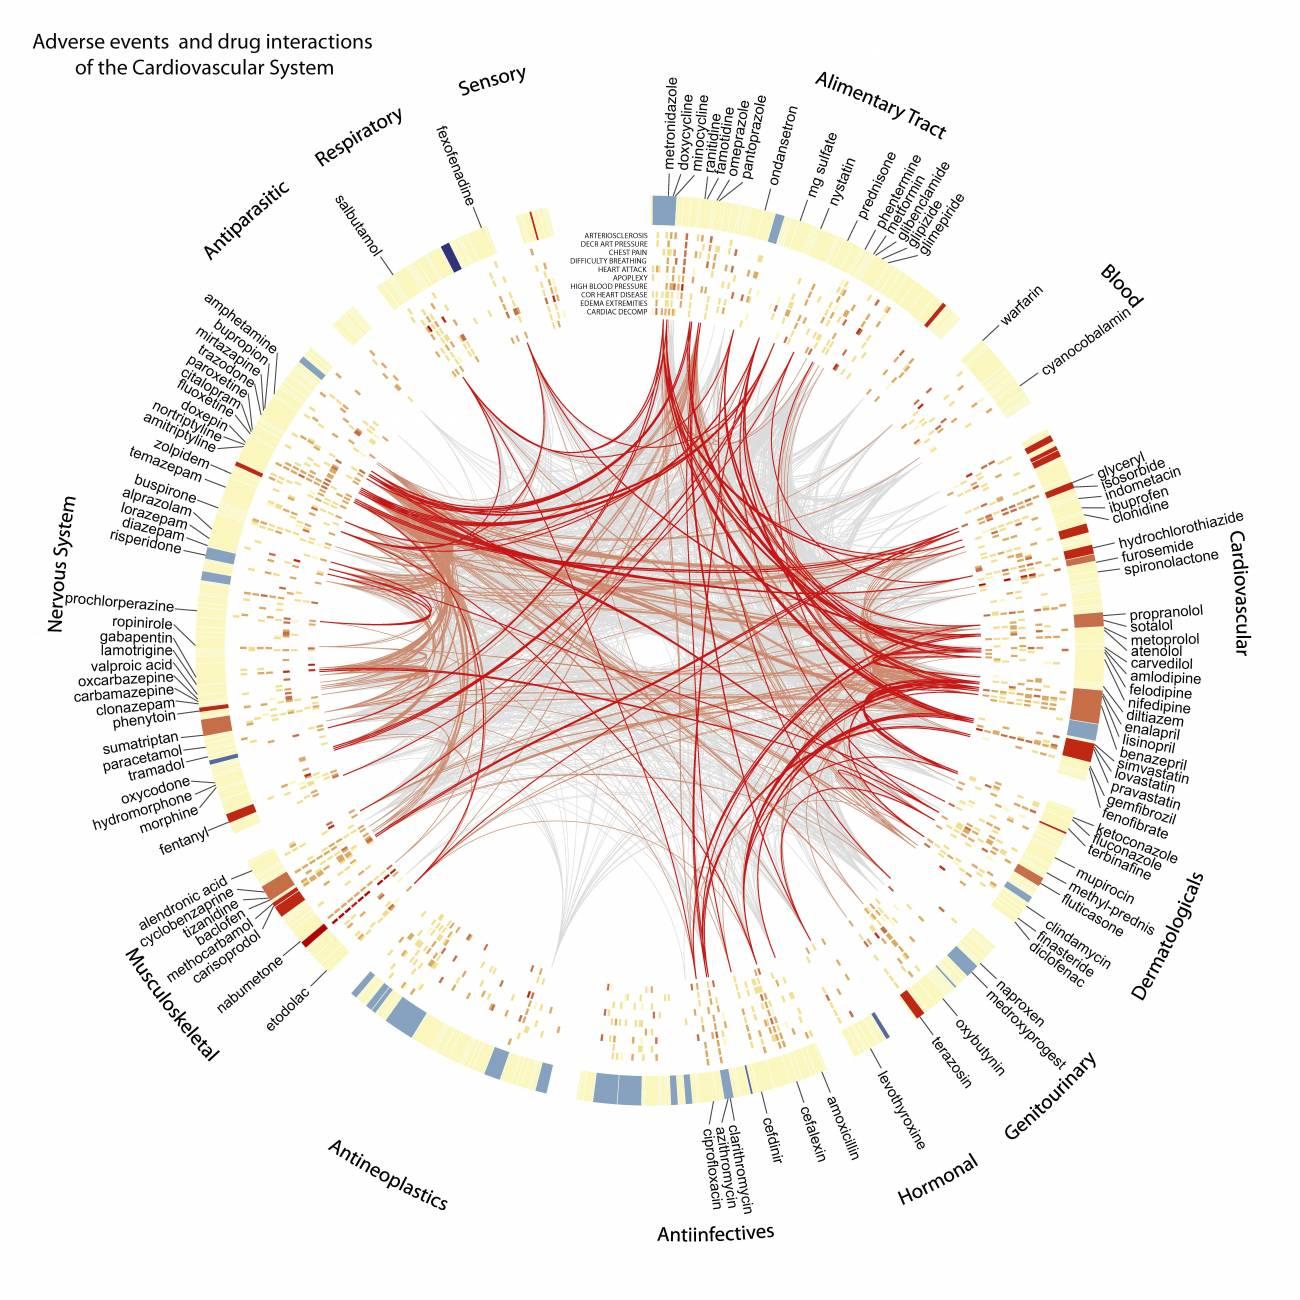 Diagrama que representa la interacción entre diferentes fármacos. Imagen: Science Translational Medicine